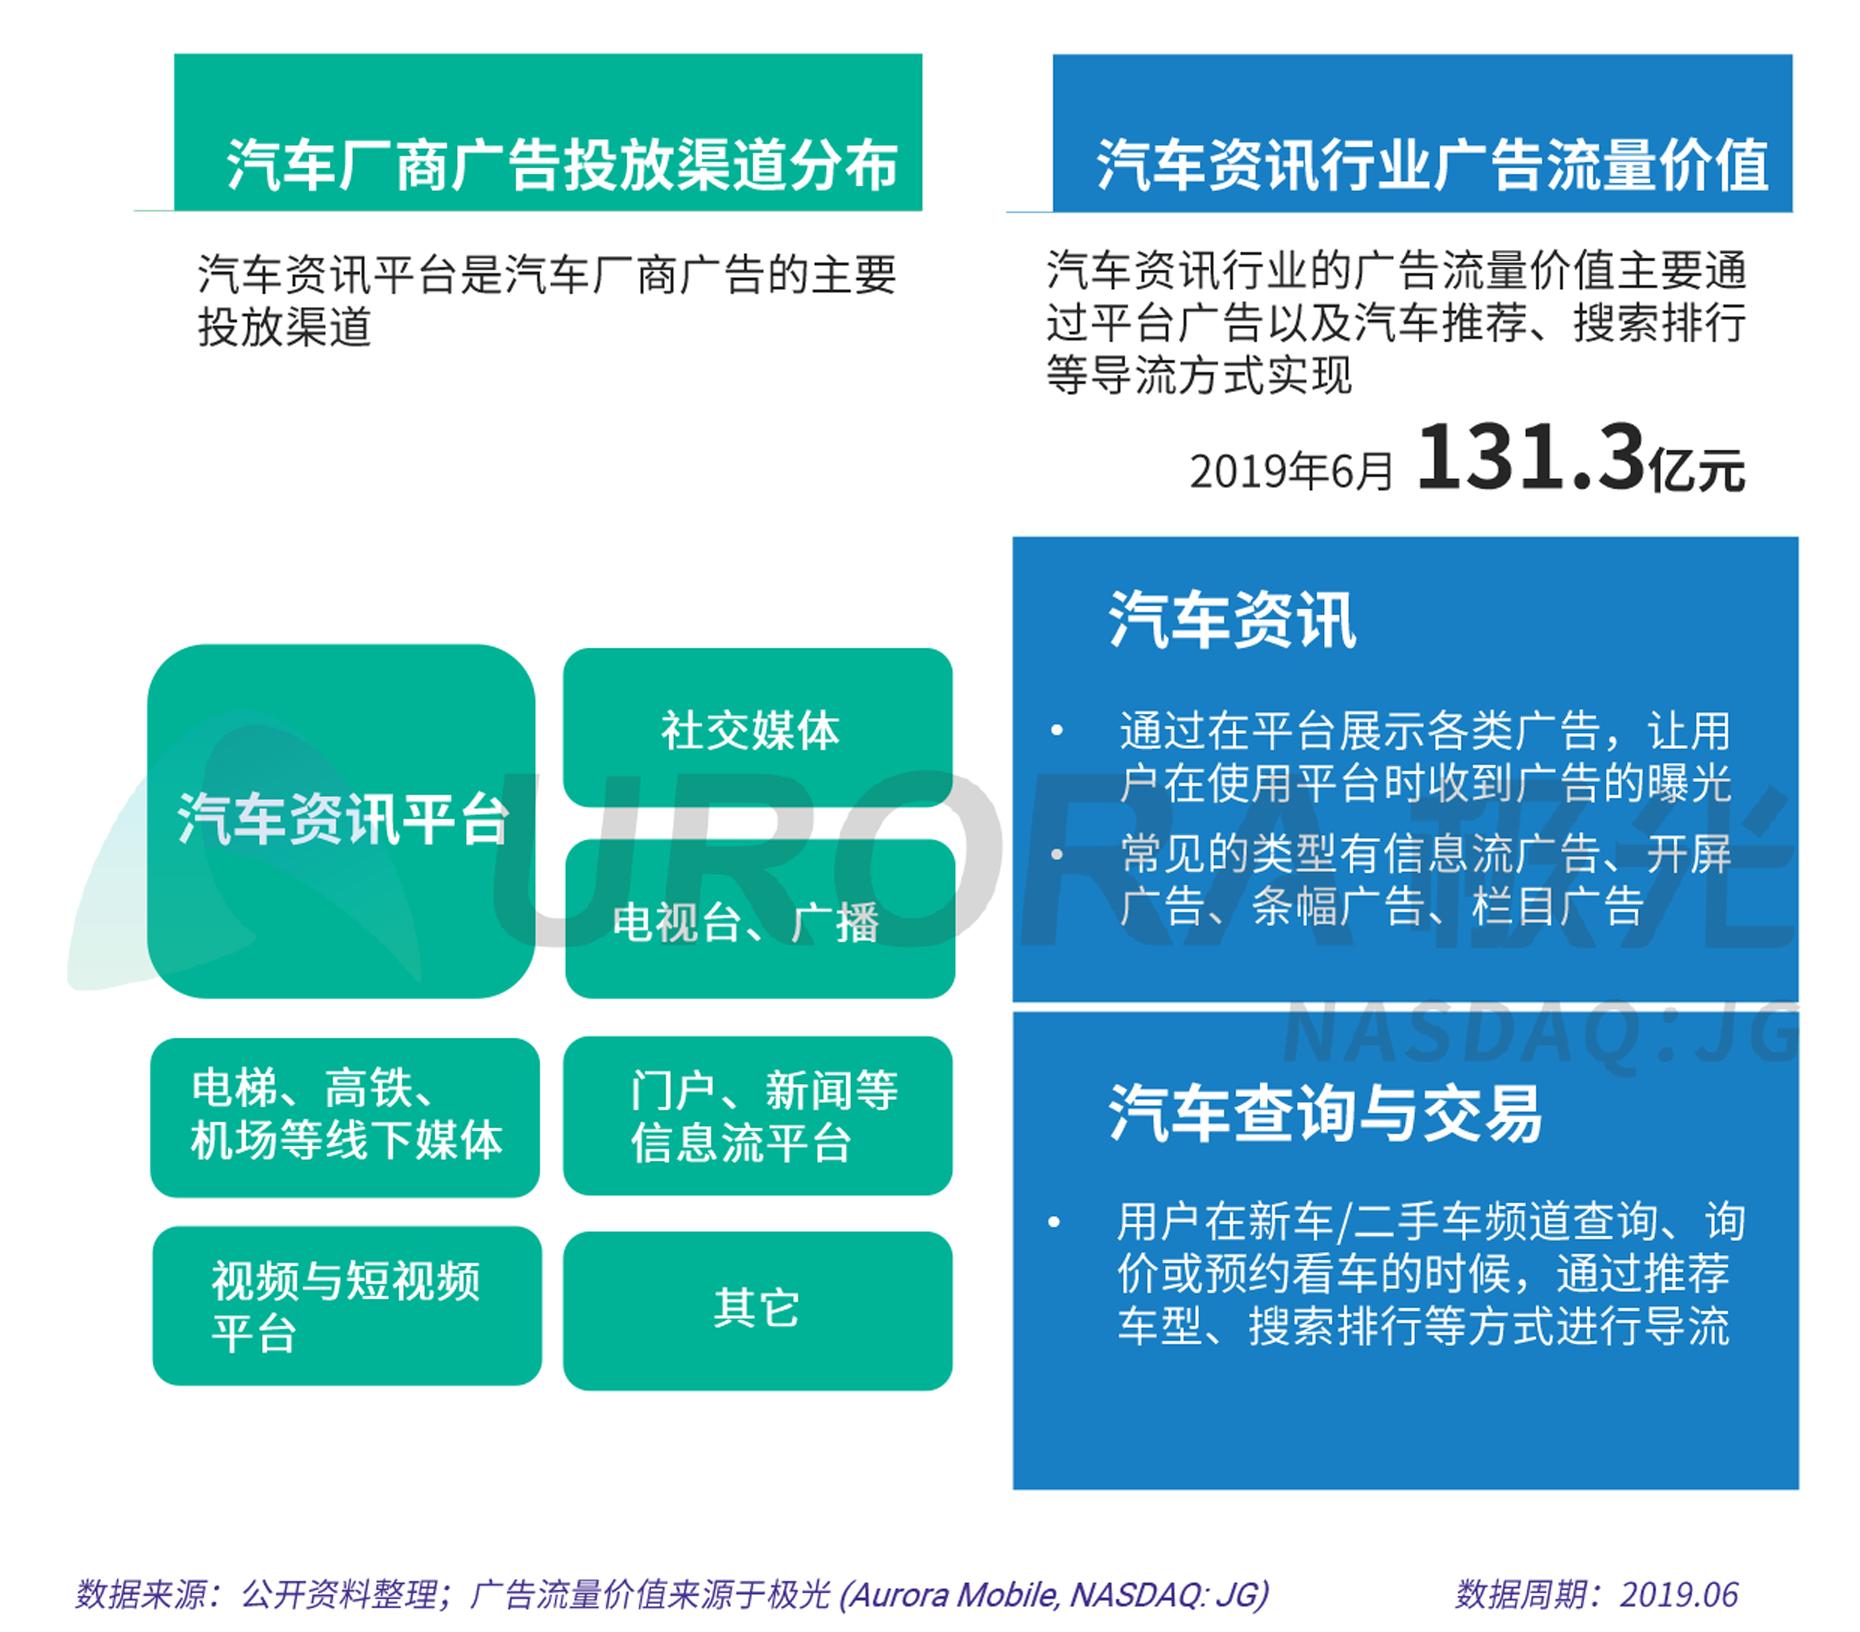 2019汽车资讯行业研究报告--审核版-7.png